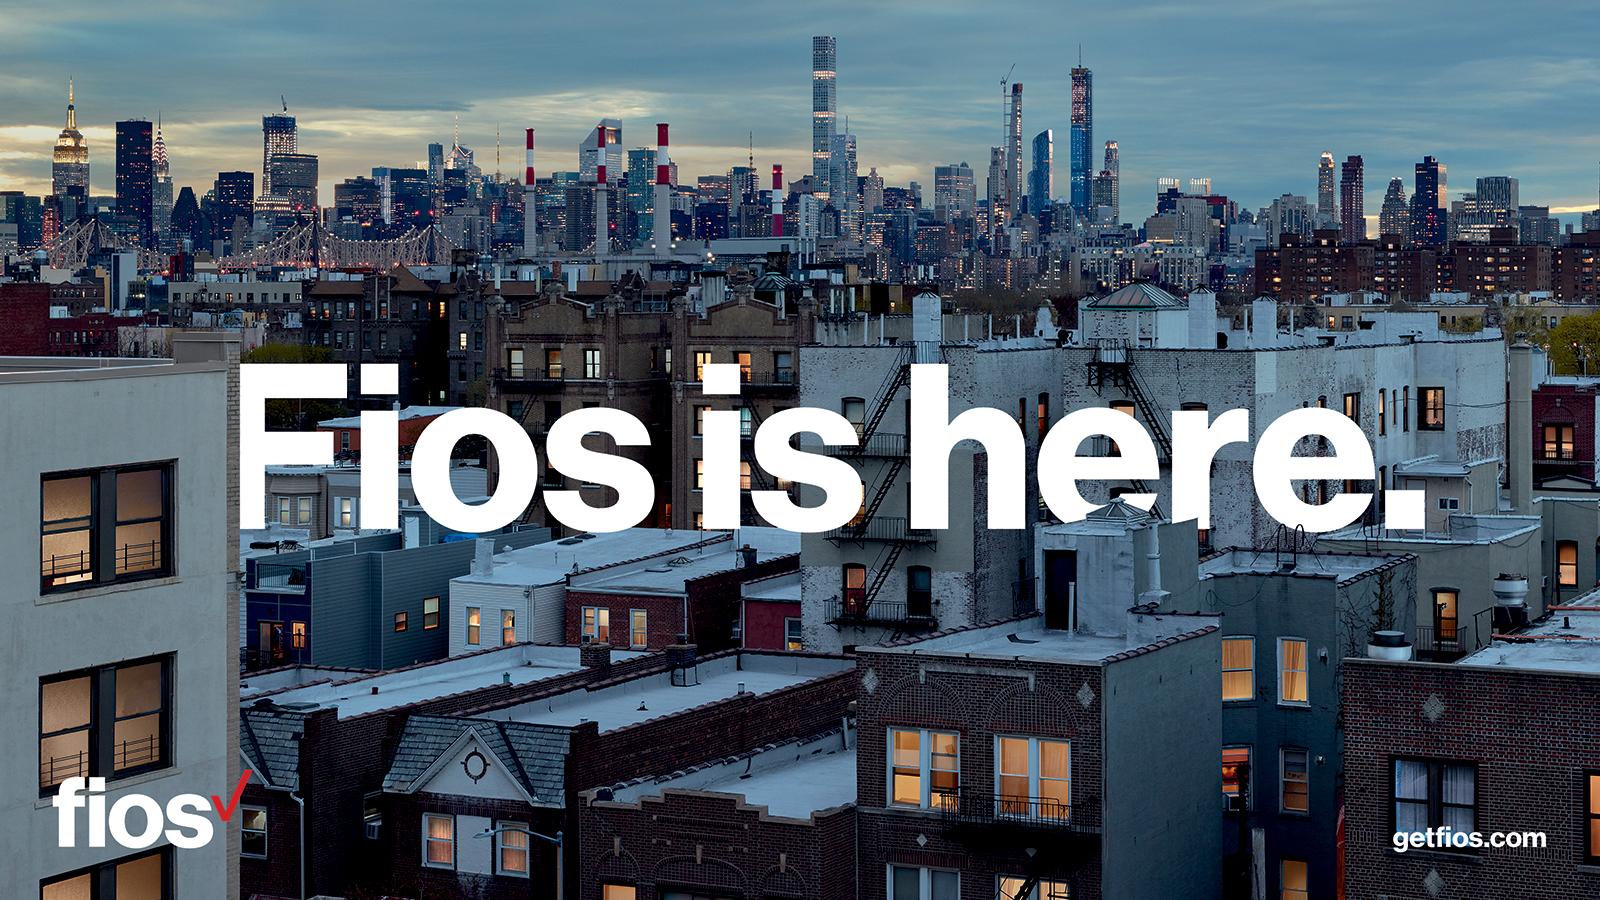 Astoria / Queens